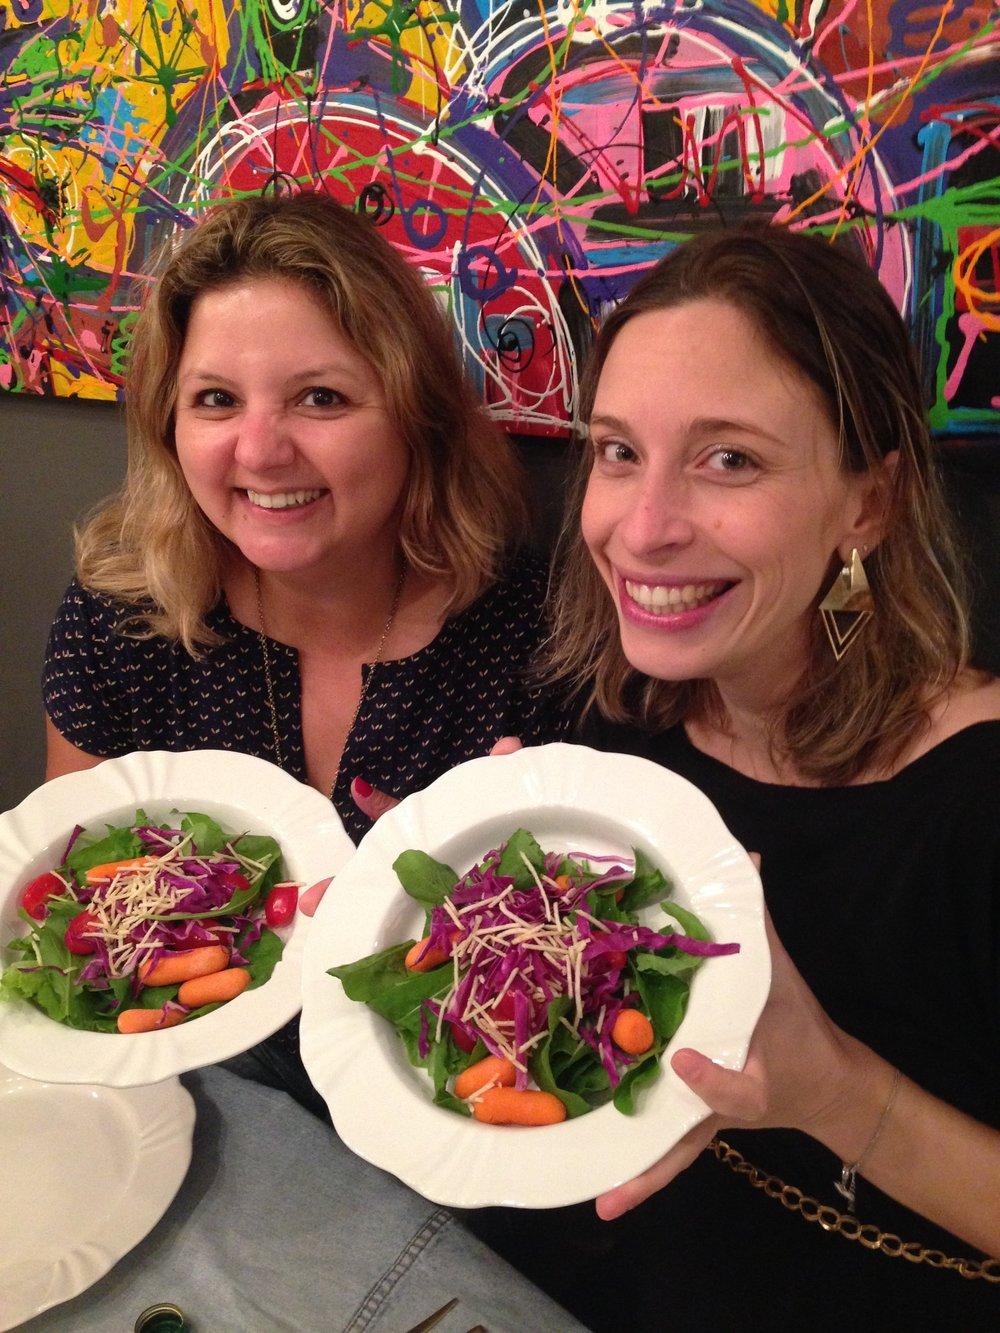 Simmmm, juntas na alegria e nos desafios de comer salada! E essa foi fácil, porque estava deliciosa, preparada pela querida Sarah Pinnow, dezembro 2015!